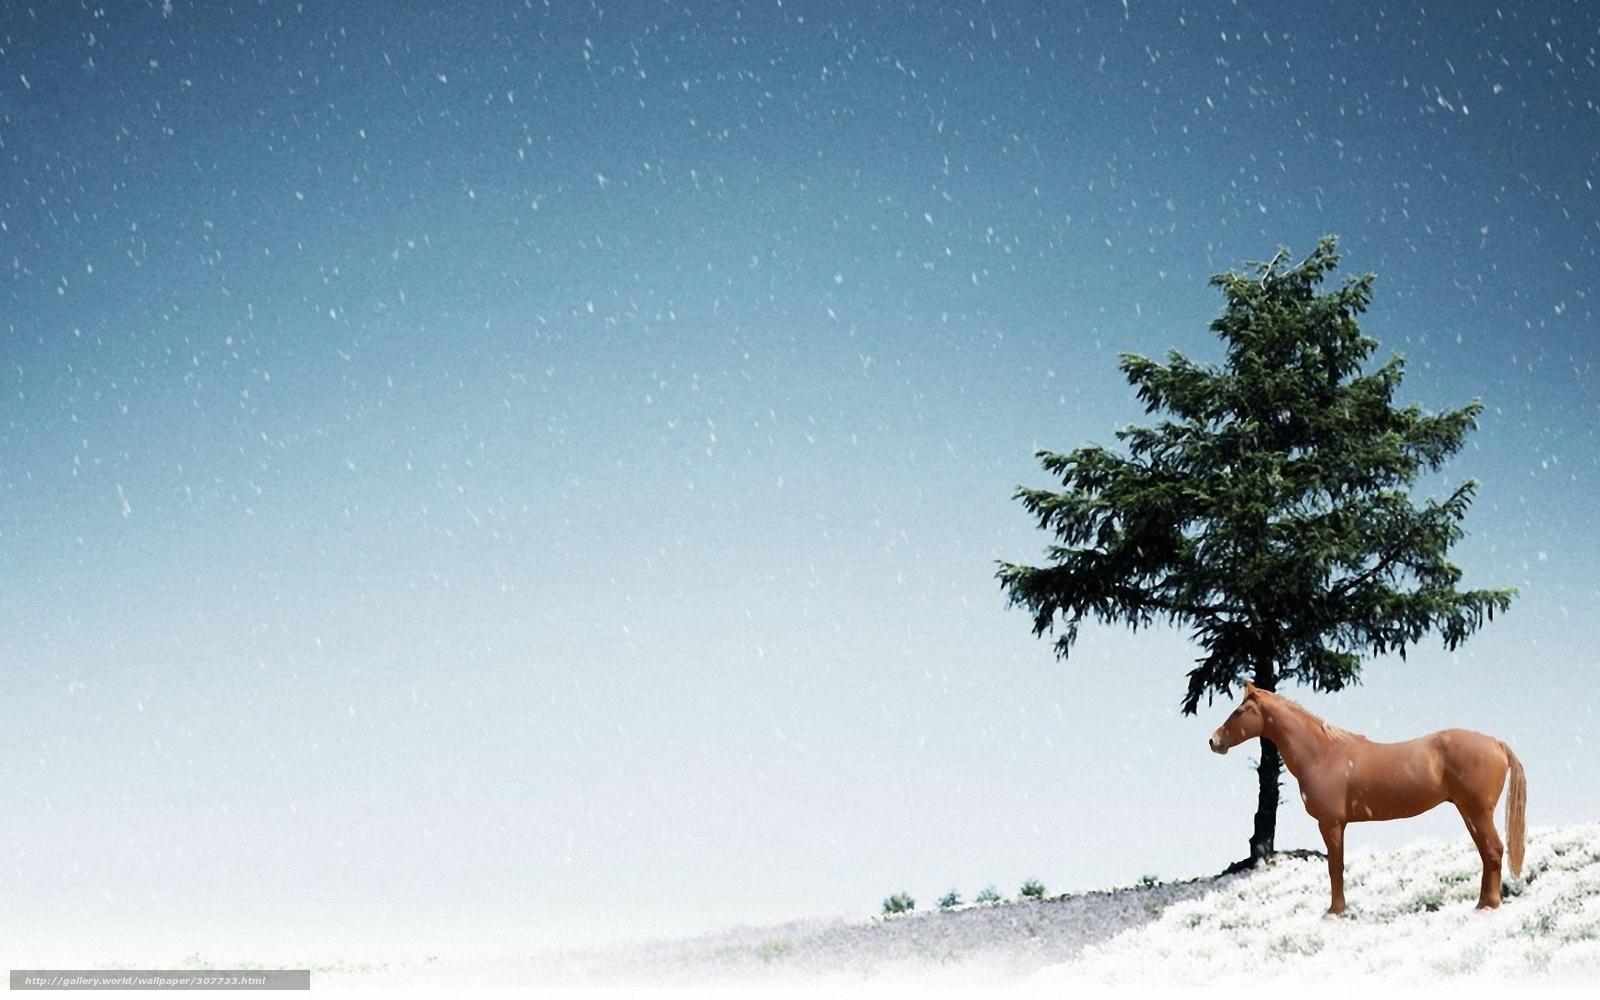 Tlcharger fond d 39 ecran cheval arbre boule de neige fonds - Arbre boule de neige ...